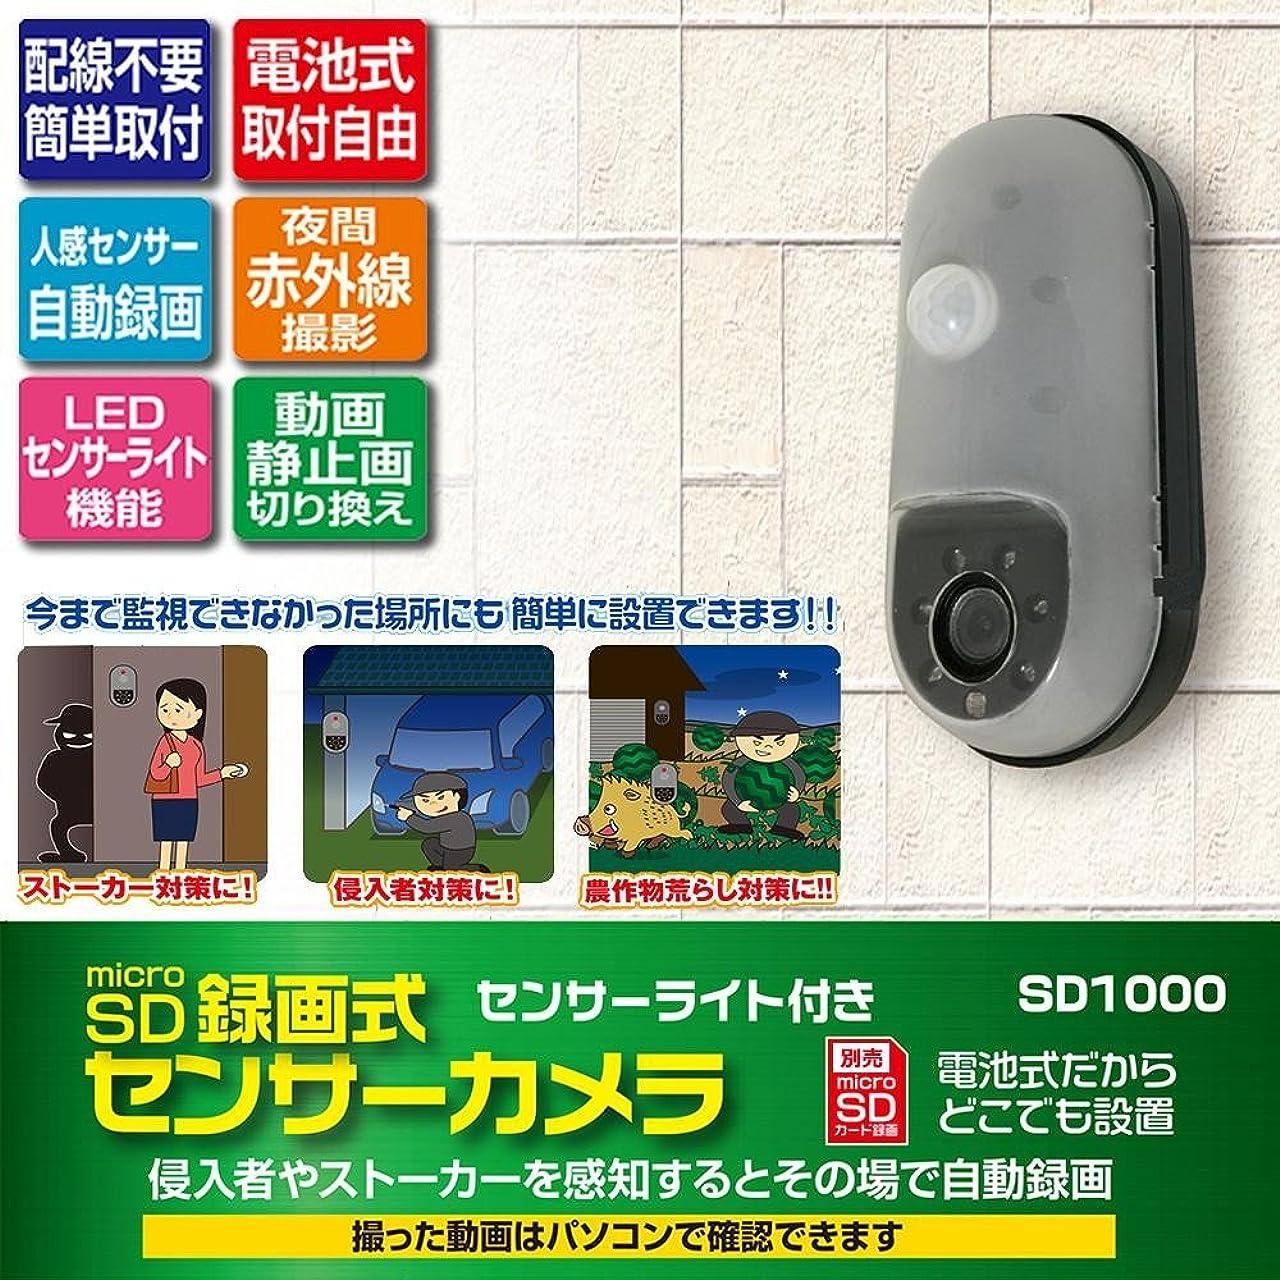 あそこ武装解除卒業記念アルバムREVEX リーベックス SDカード録画式センサーカメラ SD1000